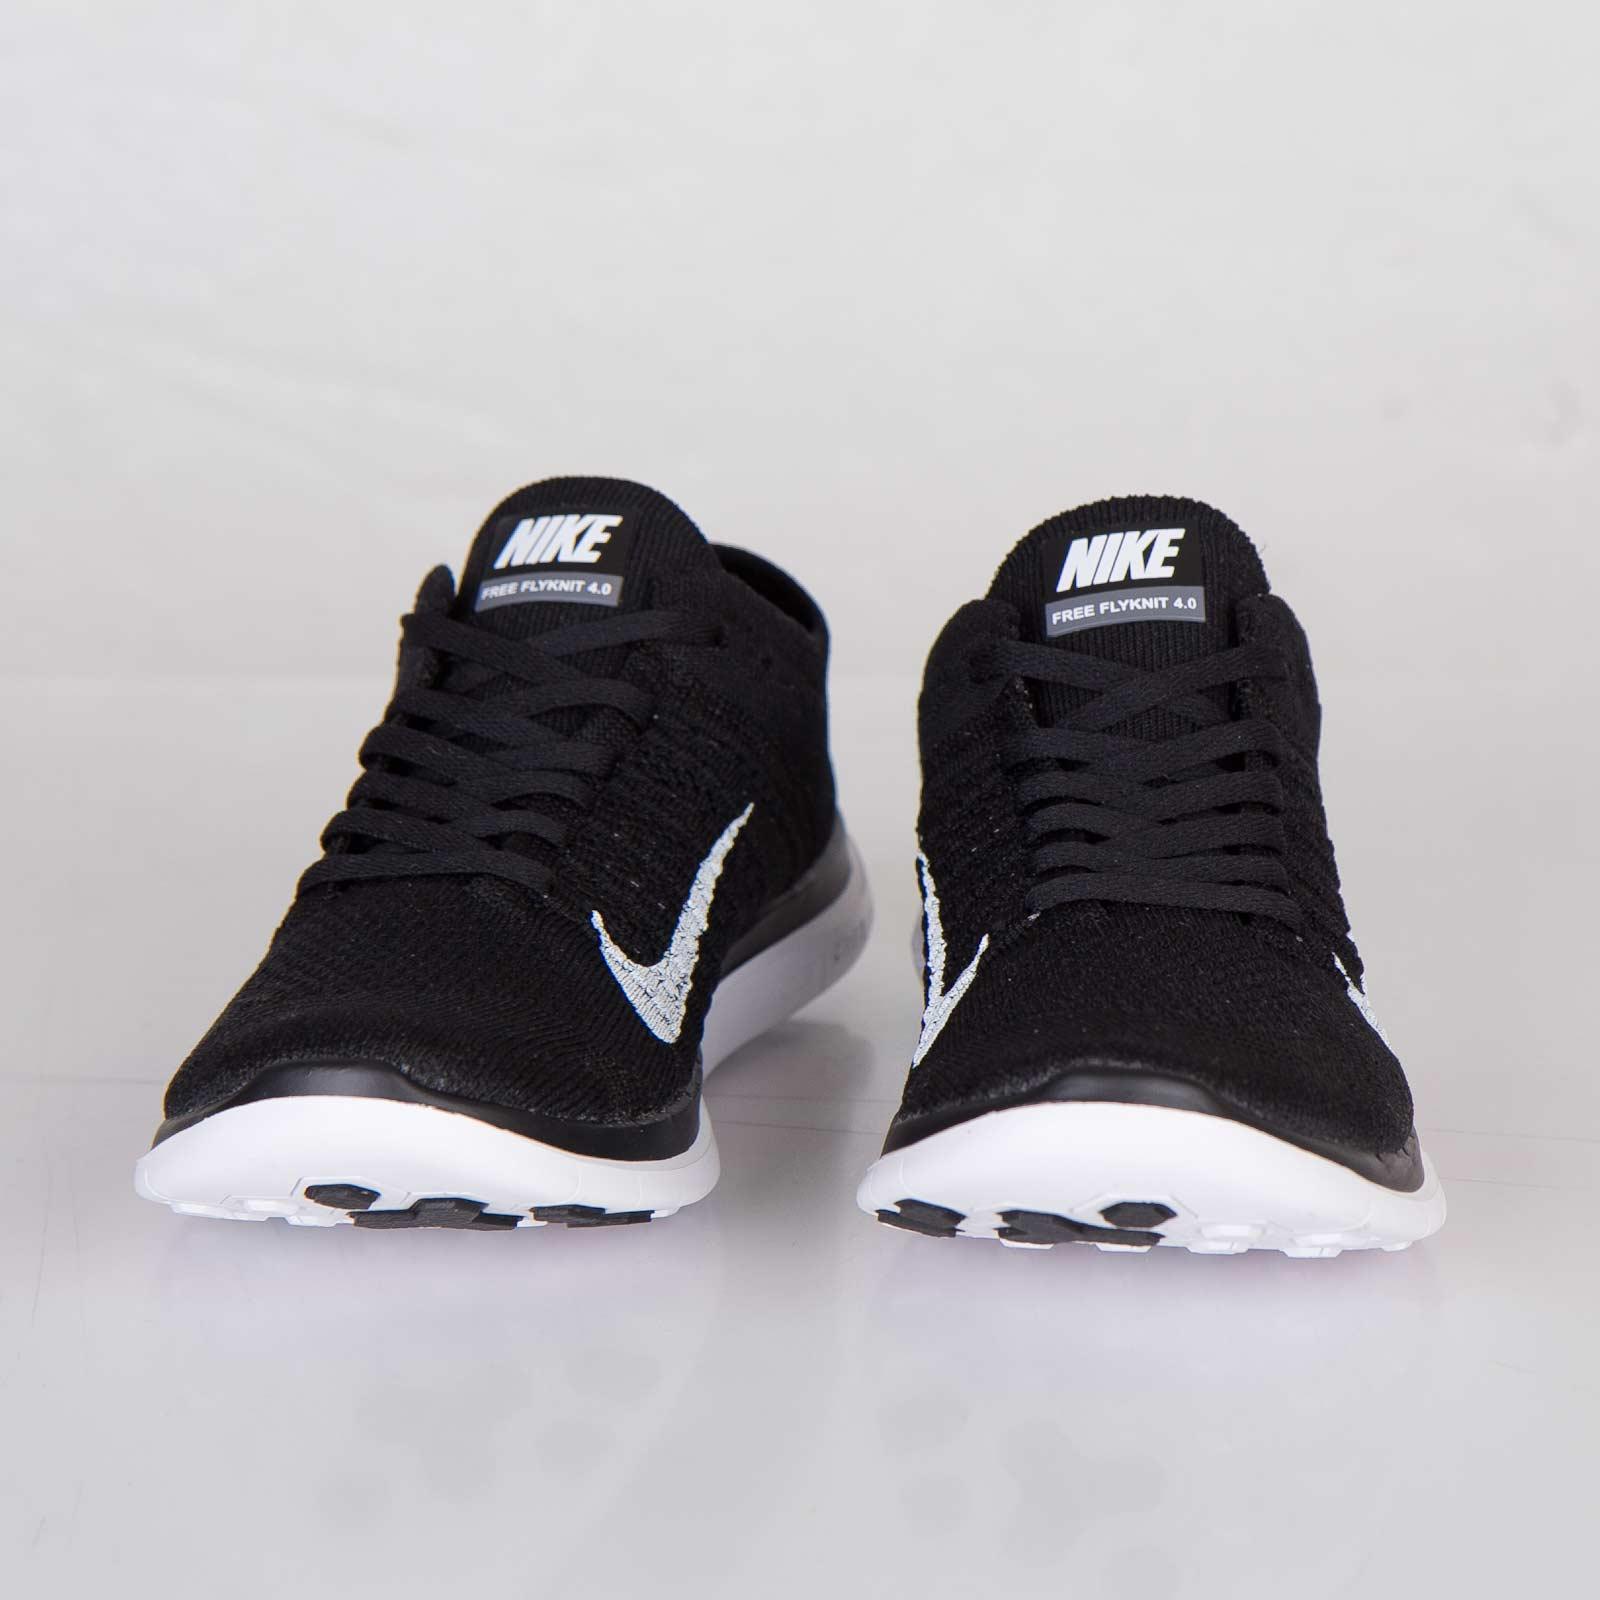 the latest c00c3 06de9 Nike Wmns Free Flyknit 4.0 - 631050-001 - Sneakersnstuff   sneakers    streetwear online since 1999